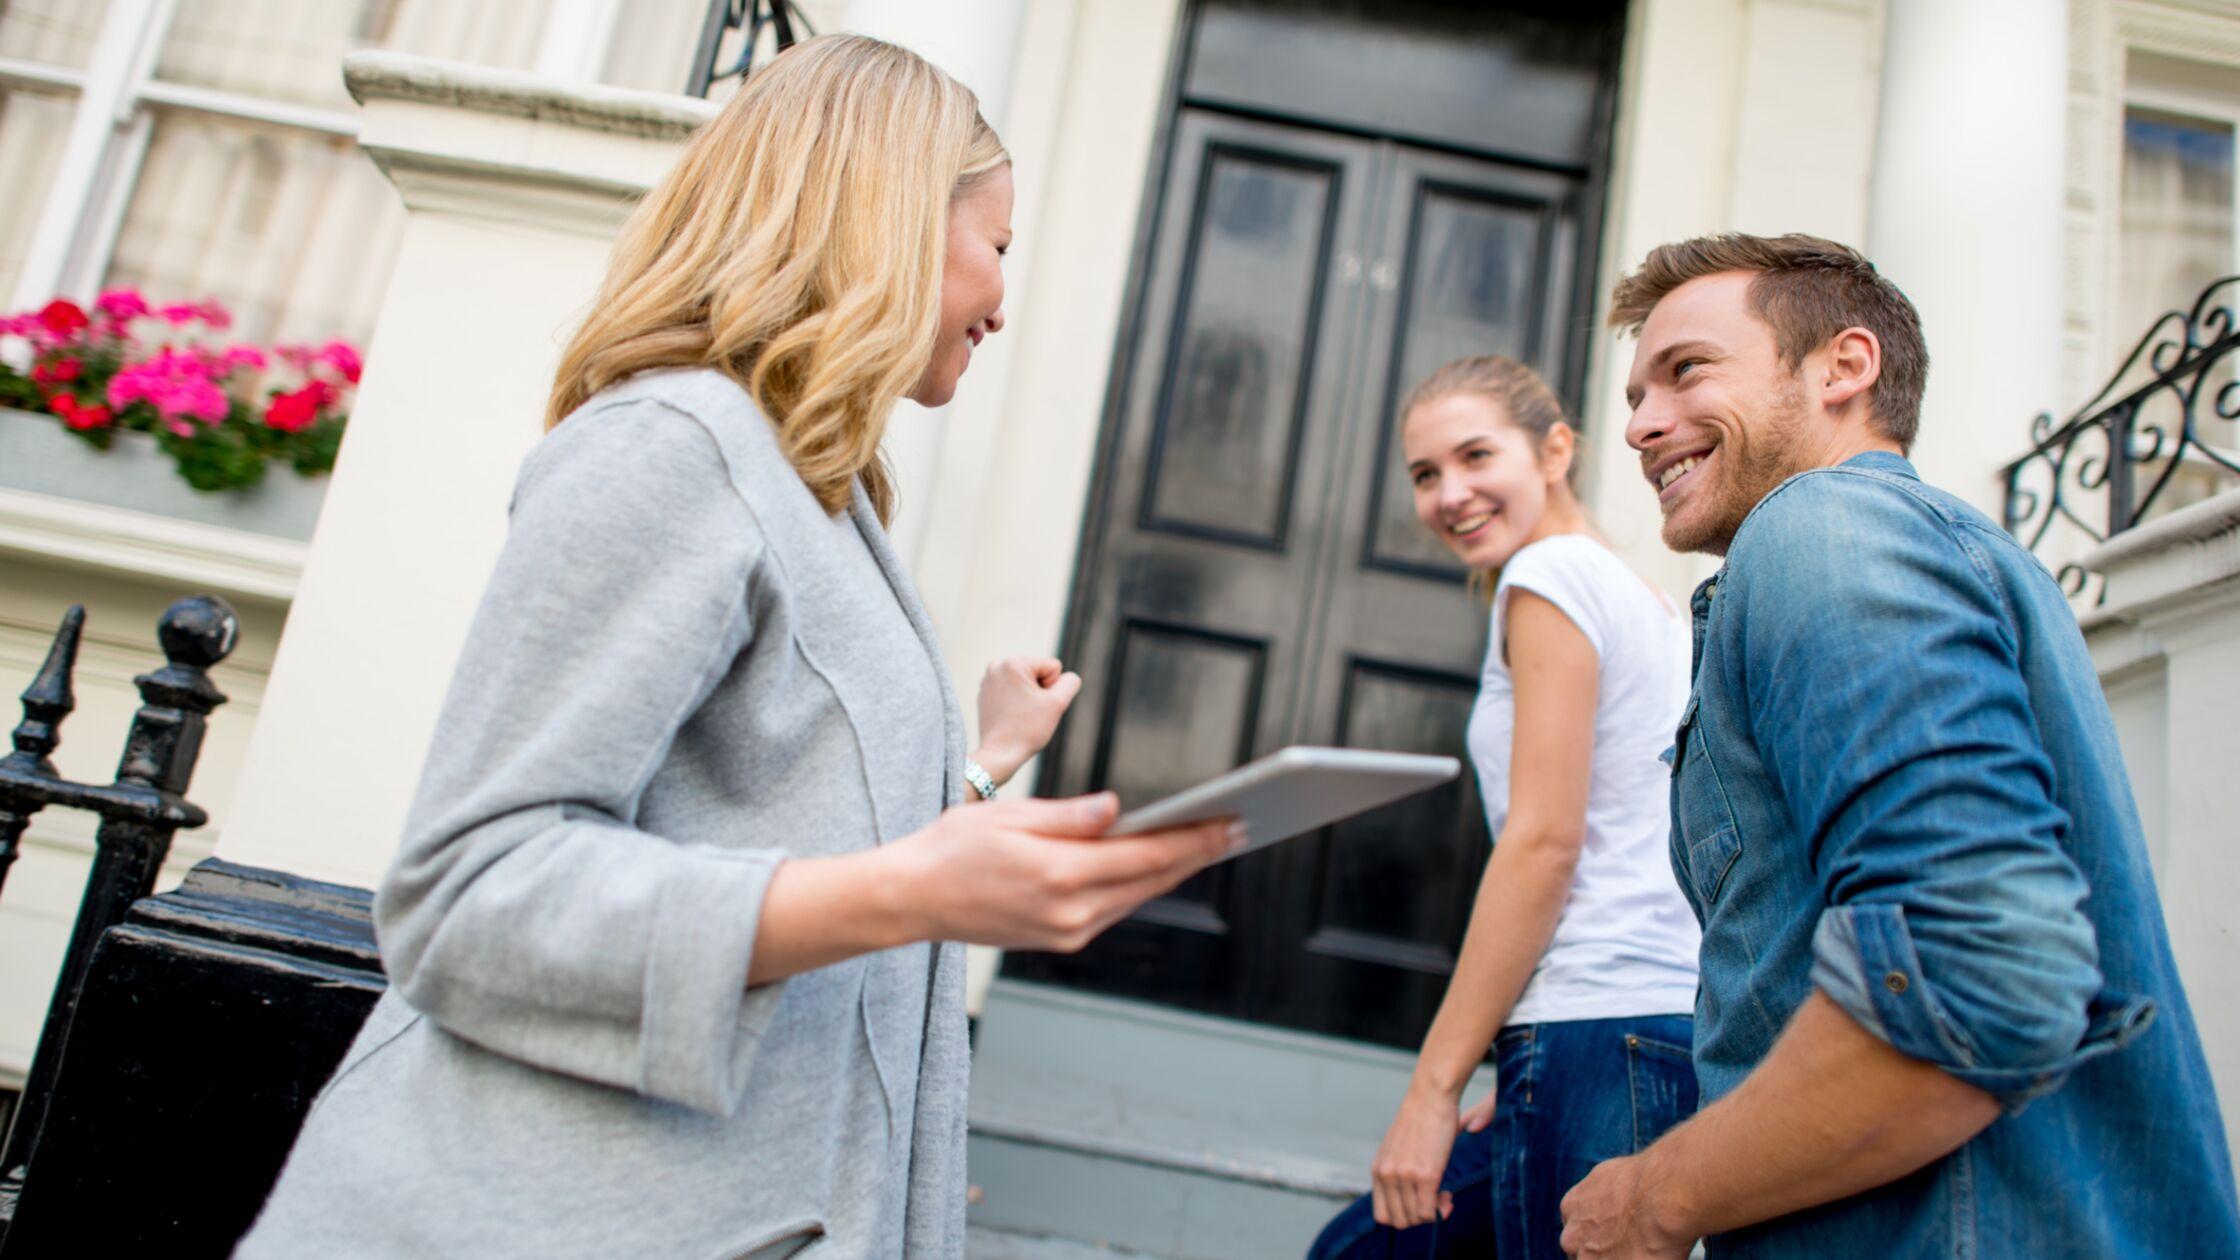 Wohnungsübergabe beim Einzug: Worauf Sie achten sollten